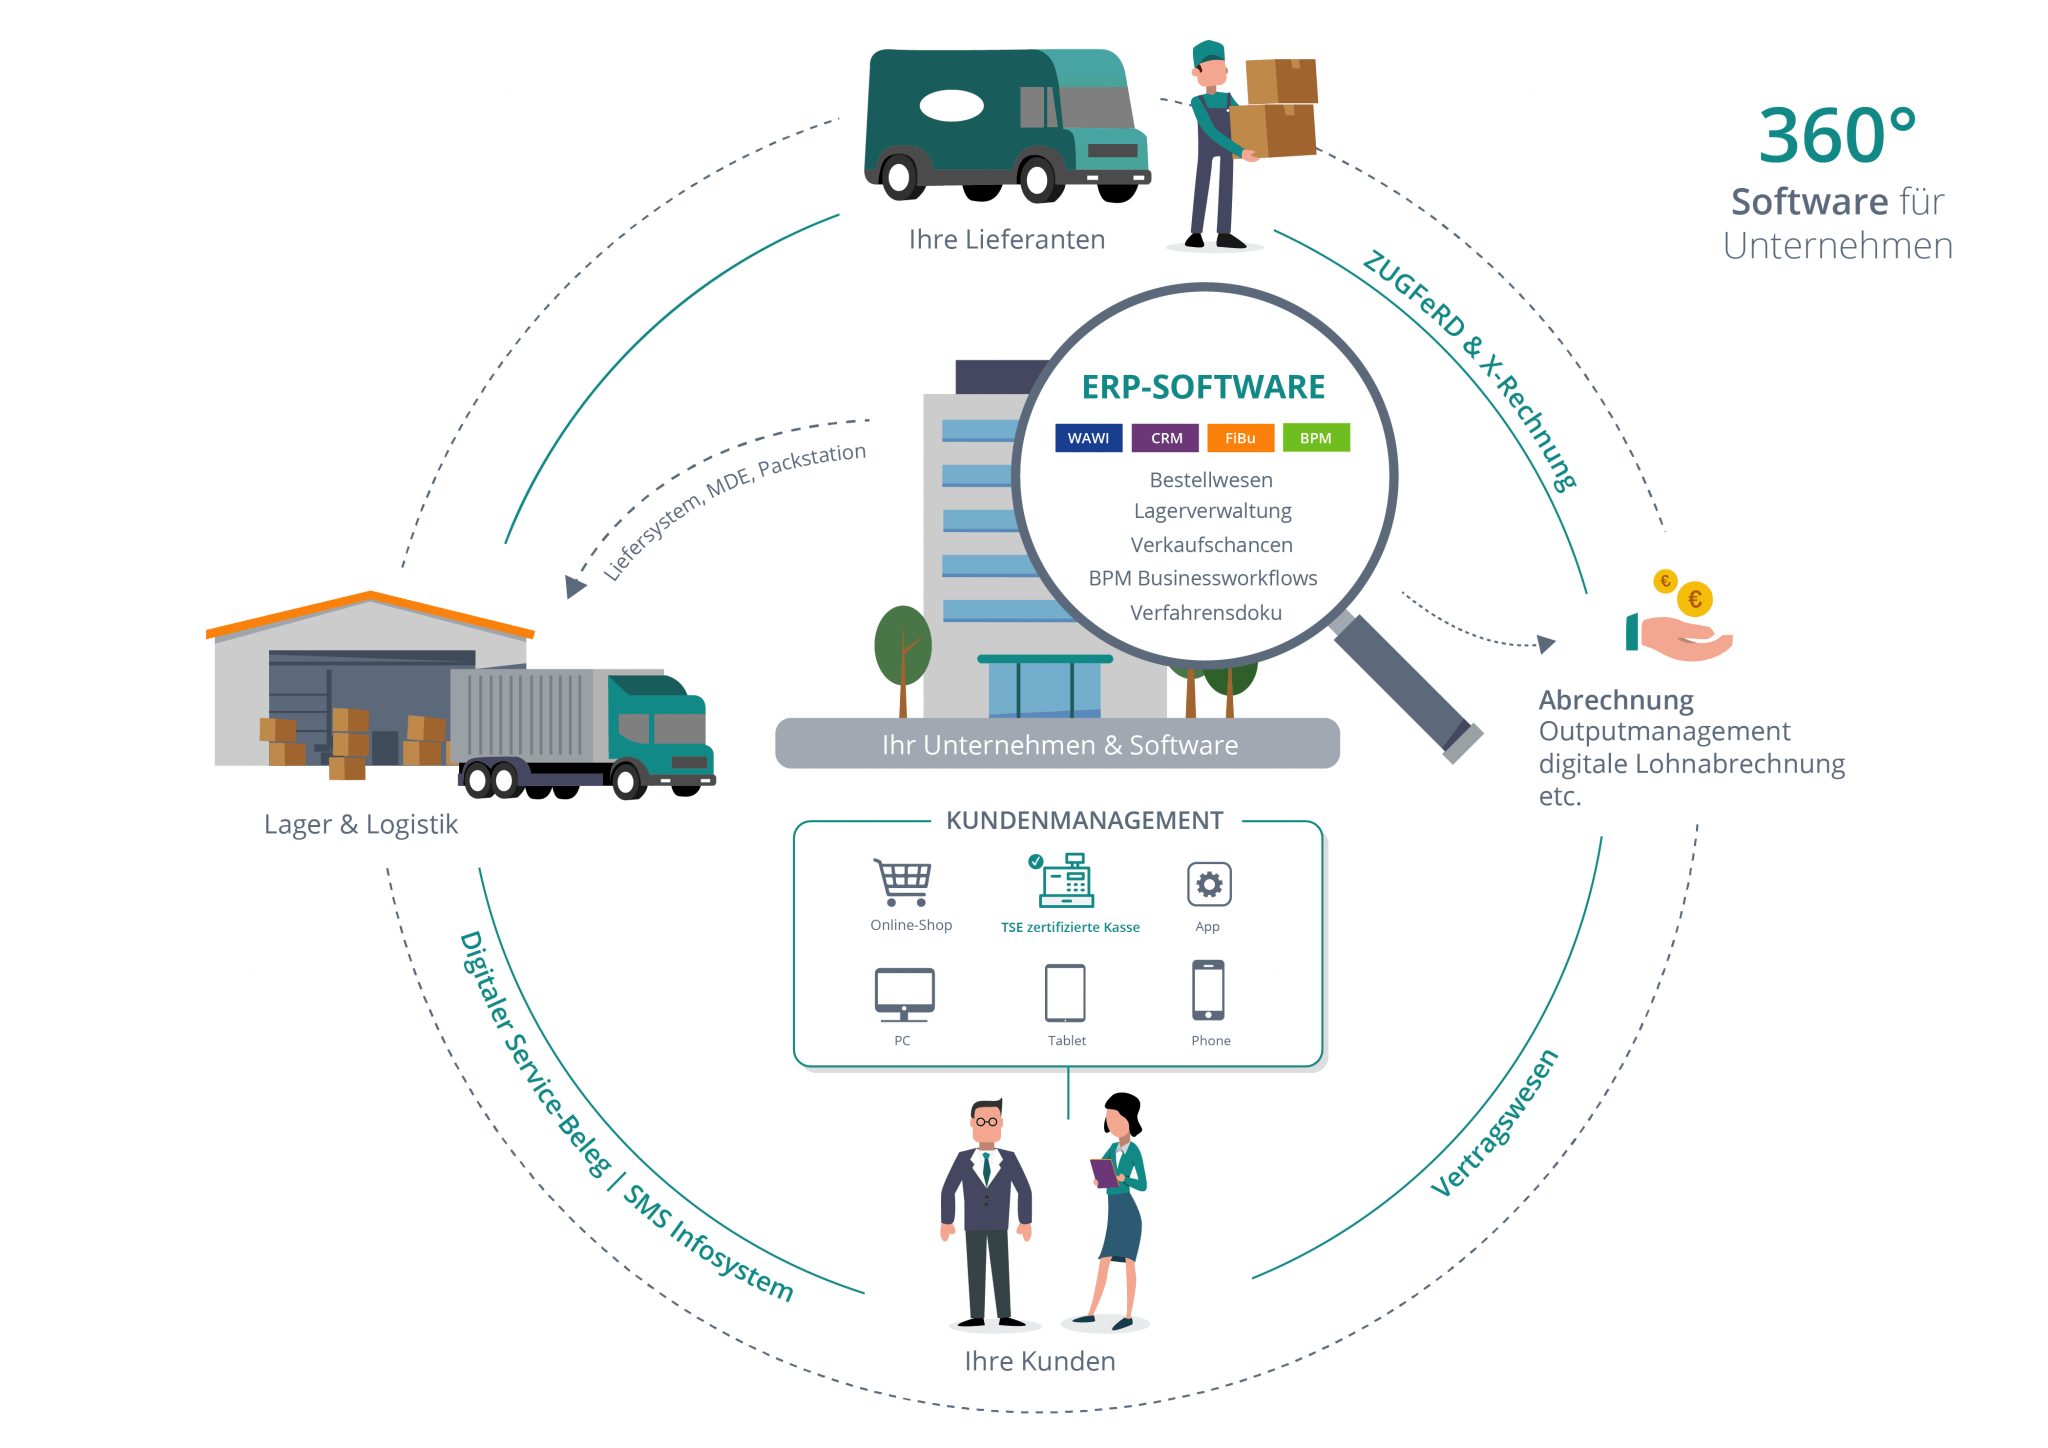 Infografik von SoftENGINE zur neuen Softwaregeneration - modernes ERP im Einsatz